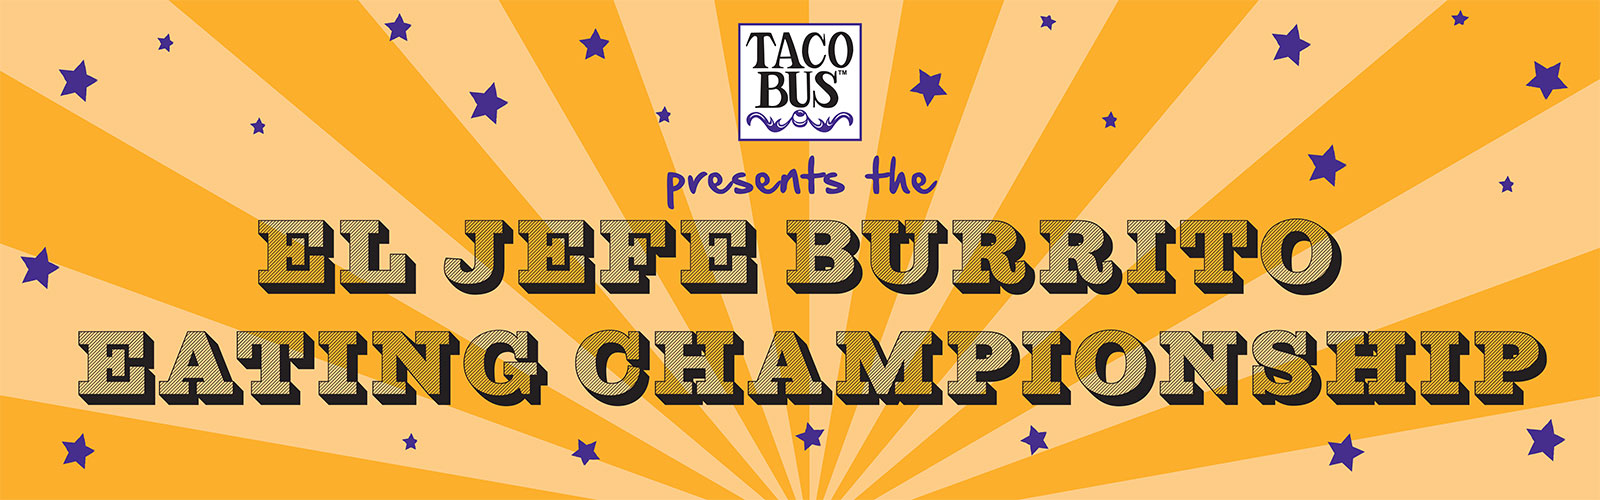 Taco Bus - El Jefe